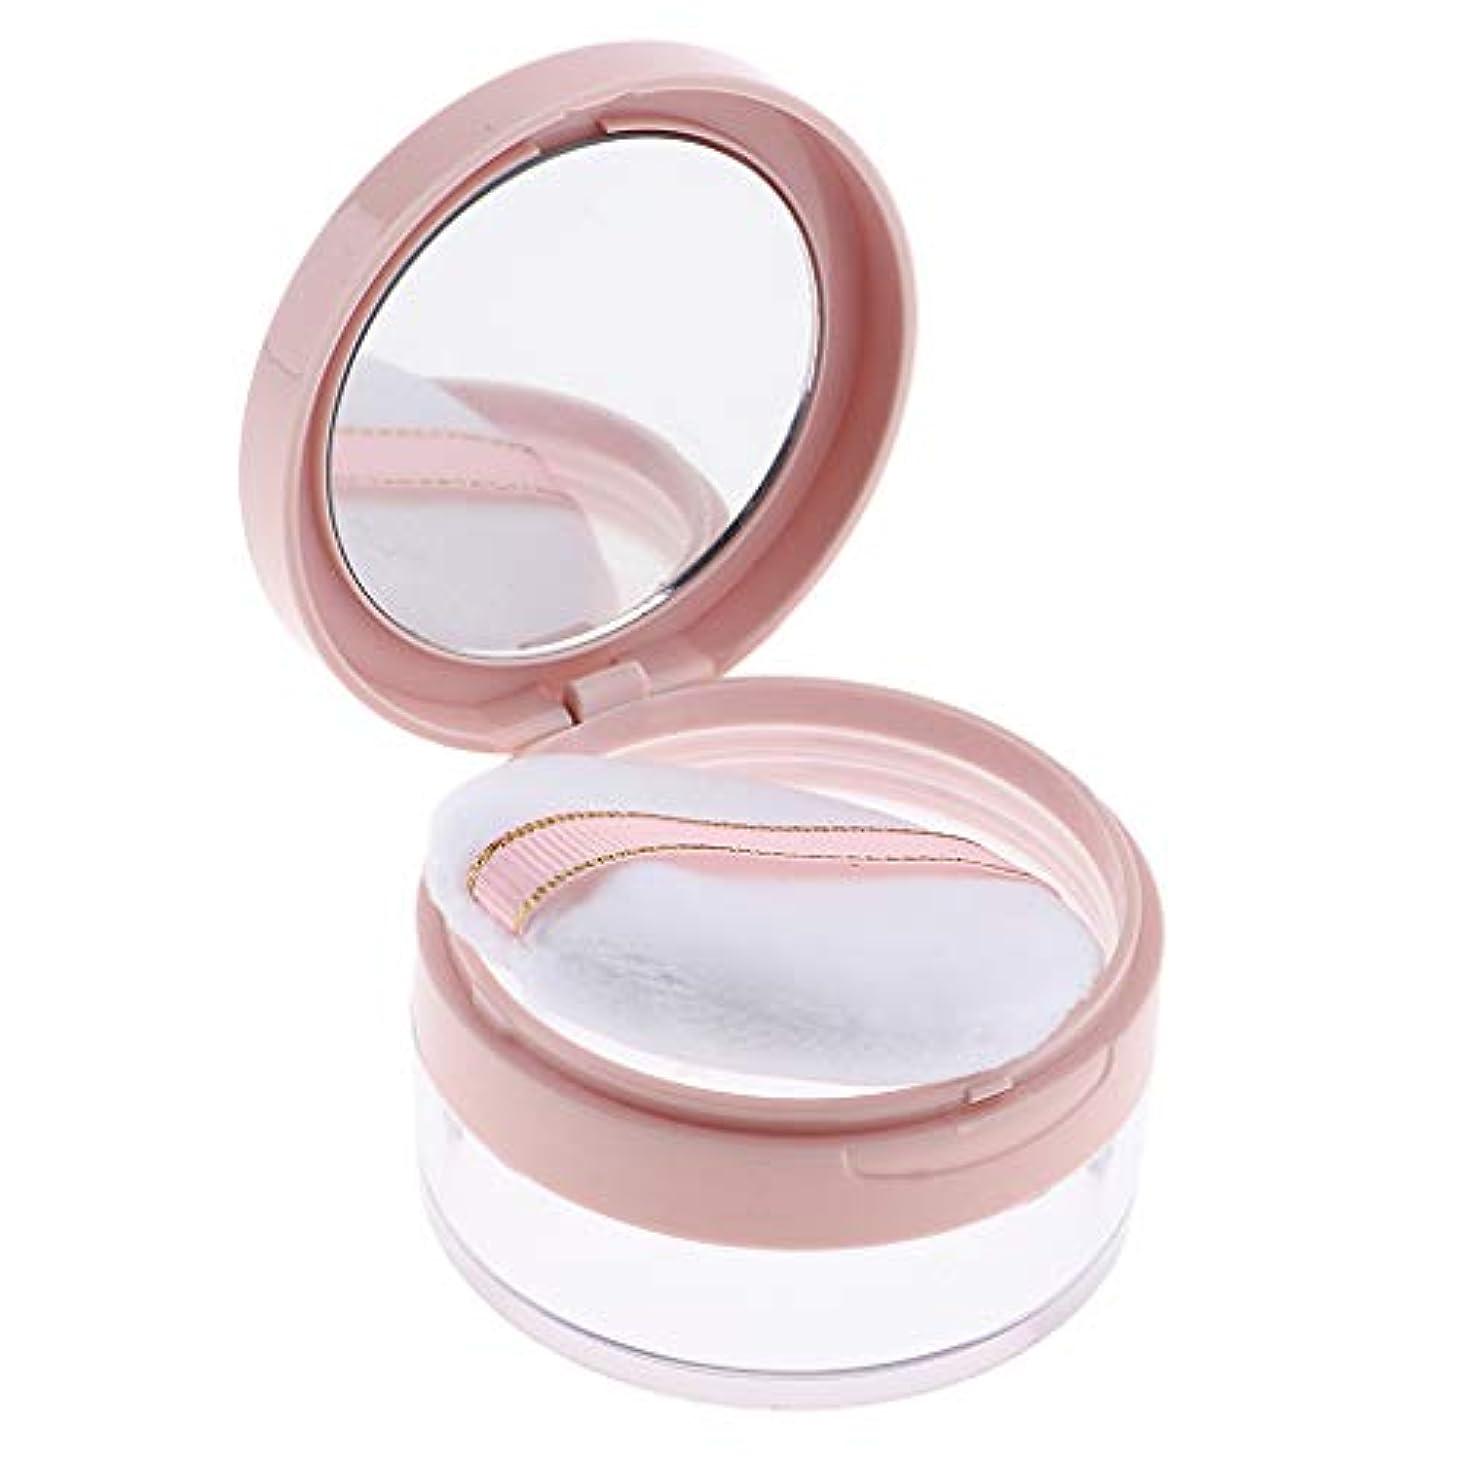 デザート永久に電球F Fityle パウダーケース 化粧品 ジャー 鏡 パフ 2色選べ - ピンク